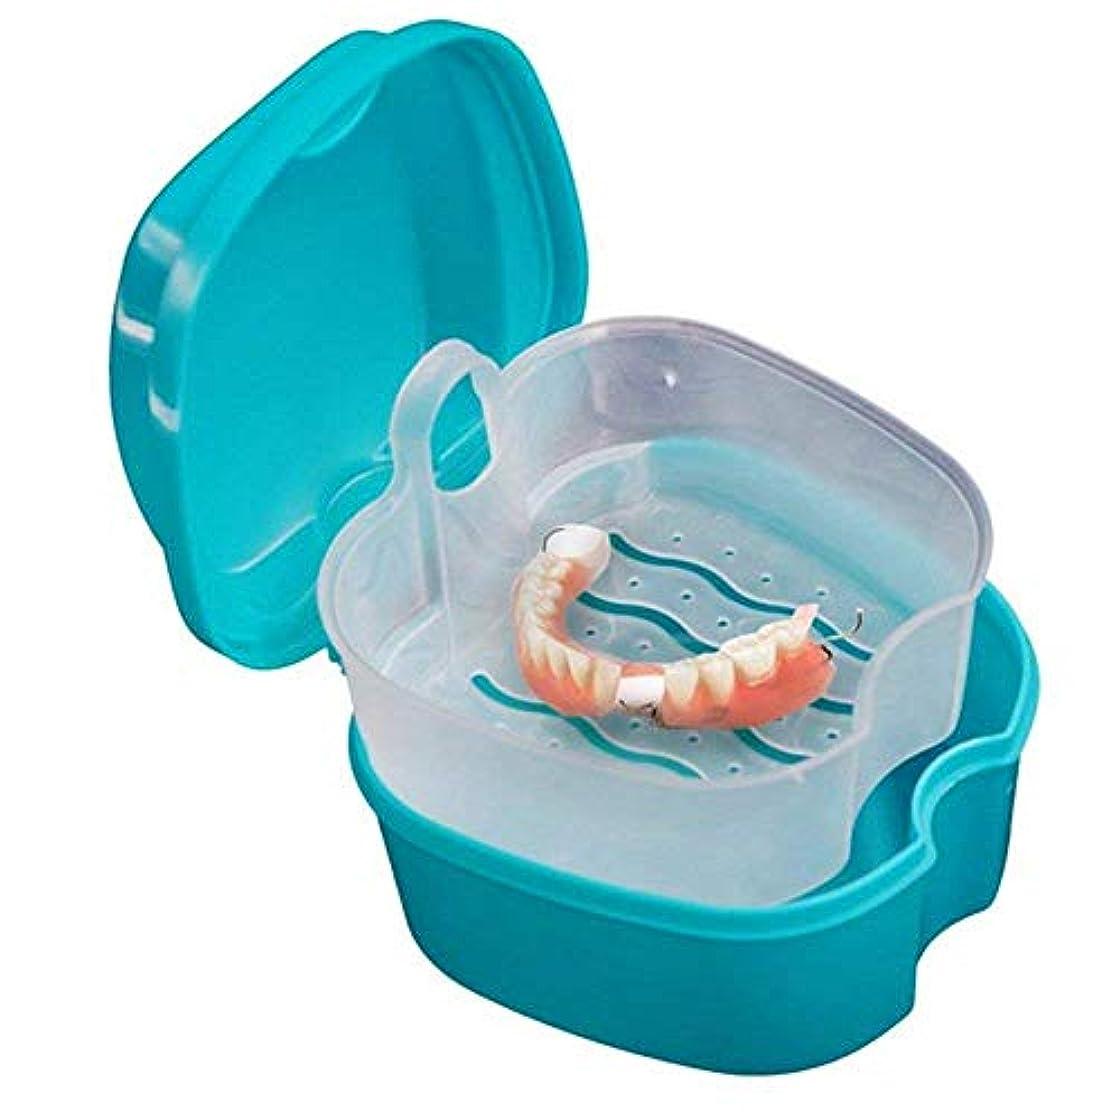 中止しますモードリン圧倒するCoiTek 入れ歯ケース 義歯ケース 携帯 家庭旅行用 ストレーナー付き ブルー